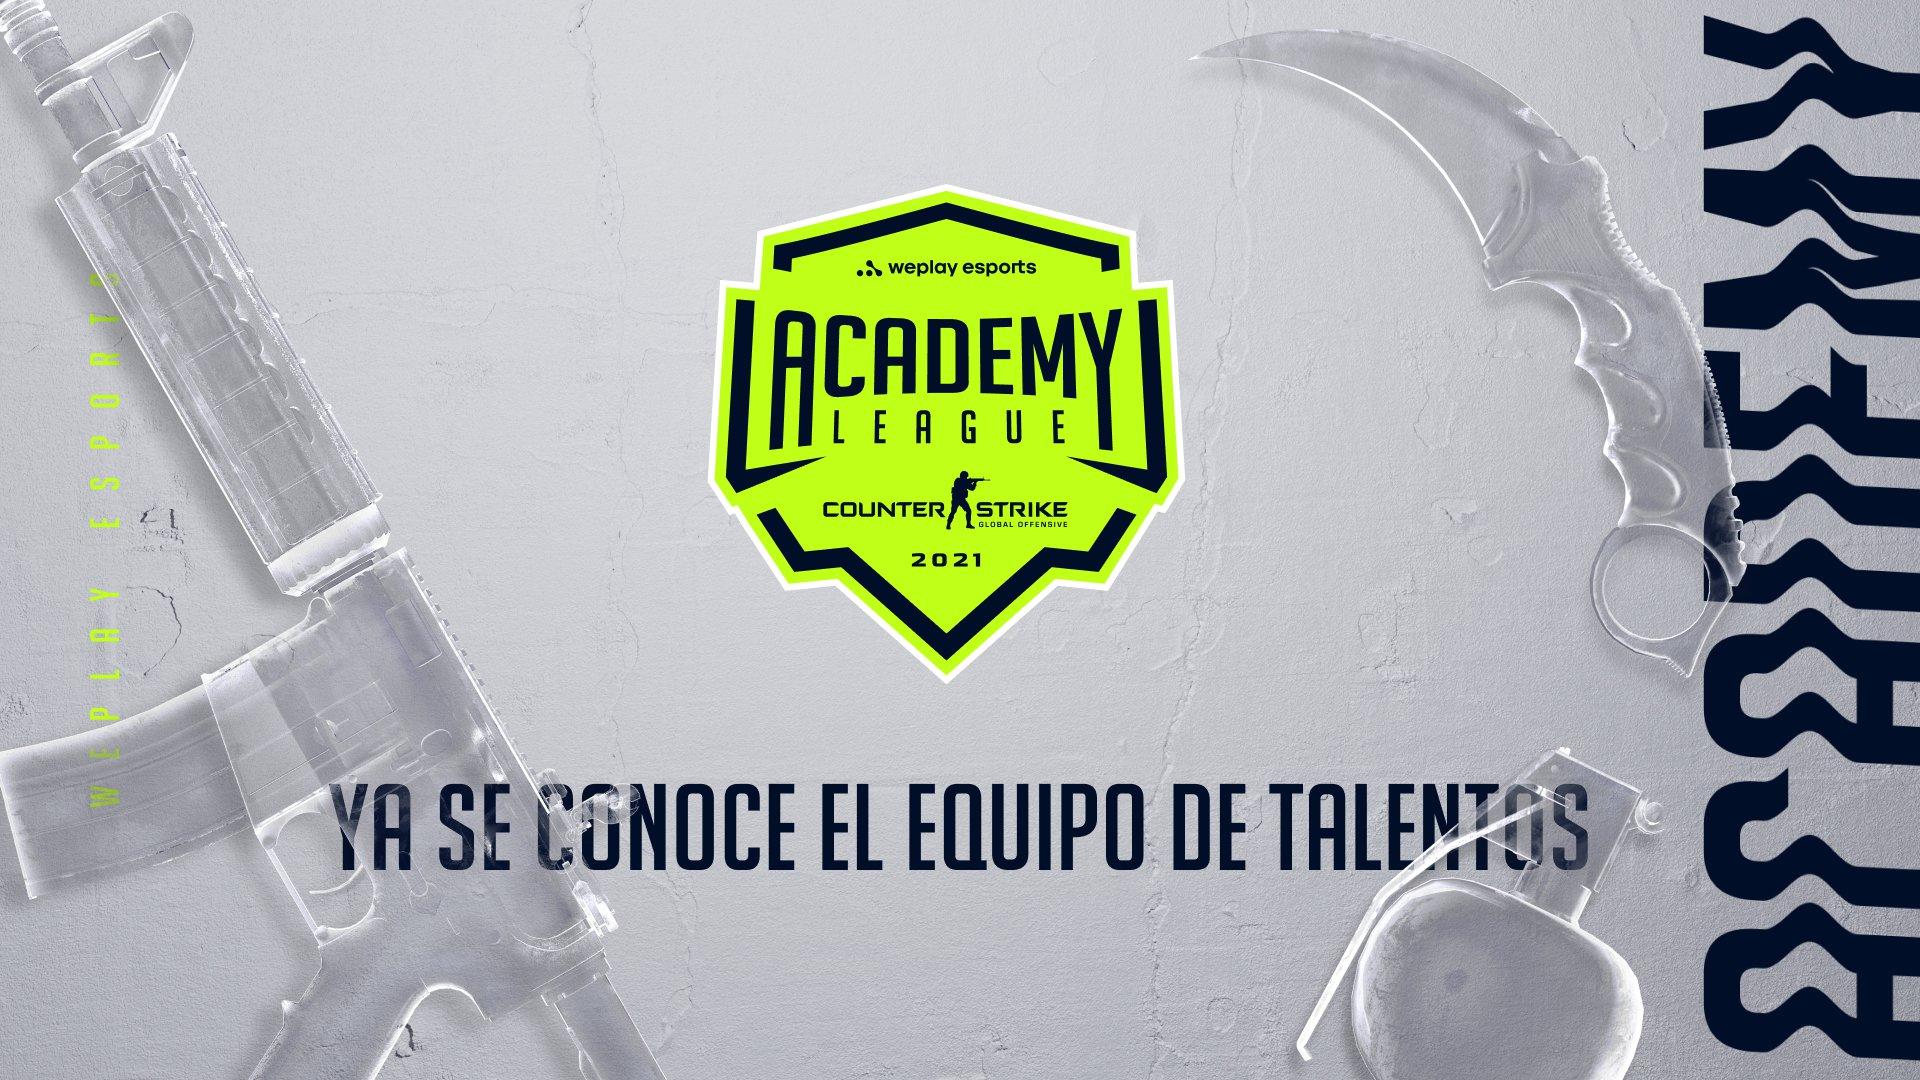 Los talentos de la Temporada 2 de la WePlay Academy League. Imagen: WePlay Holding